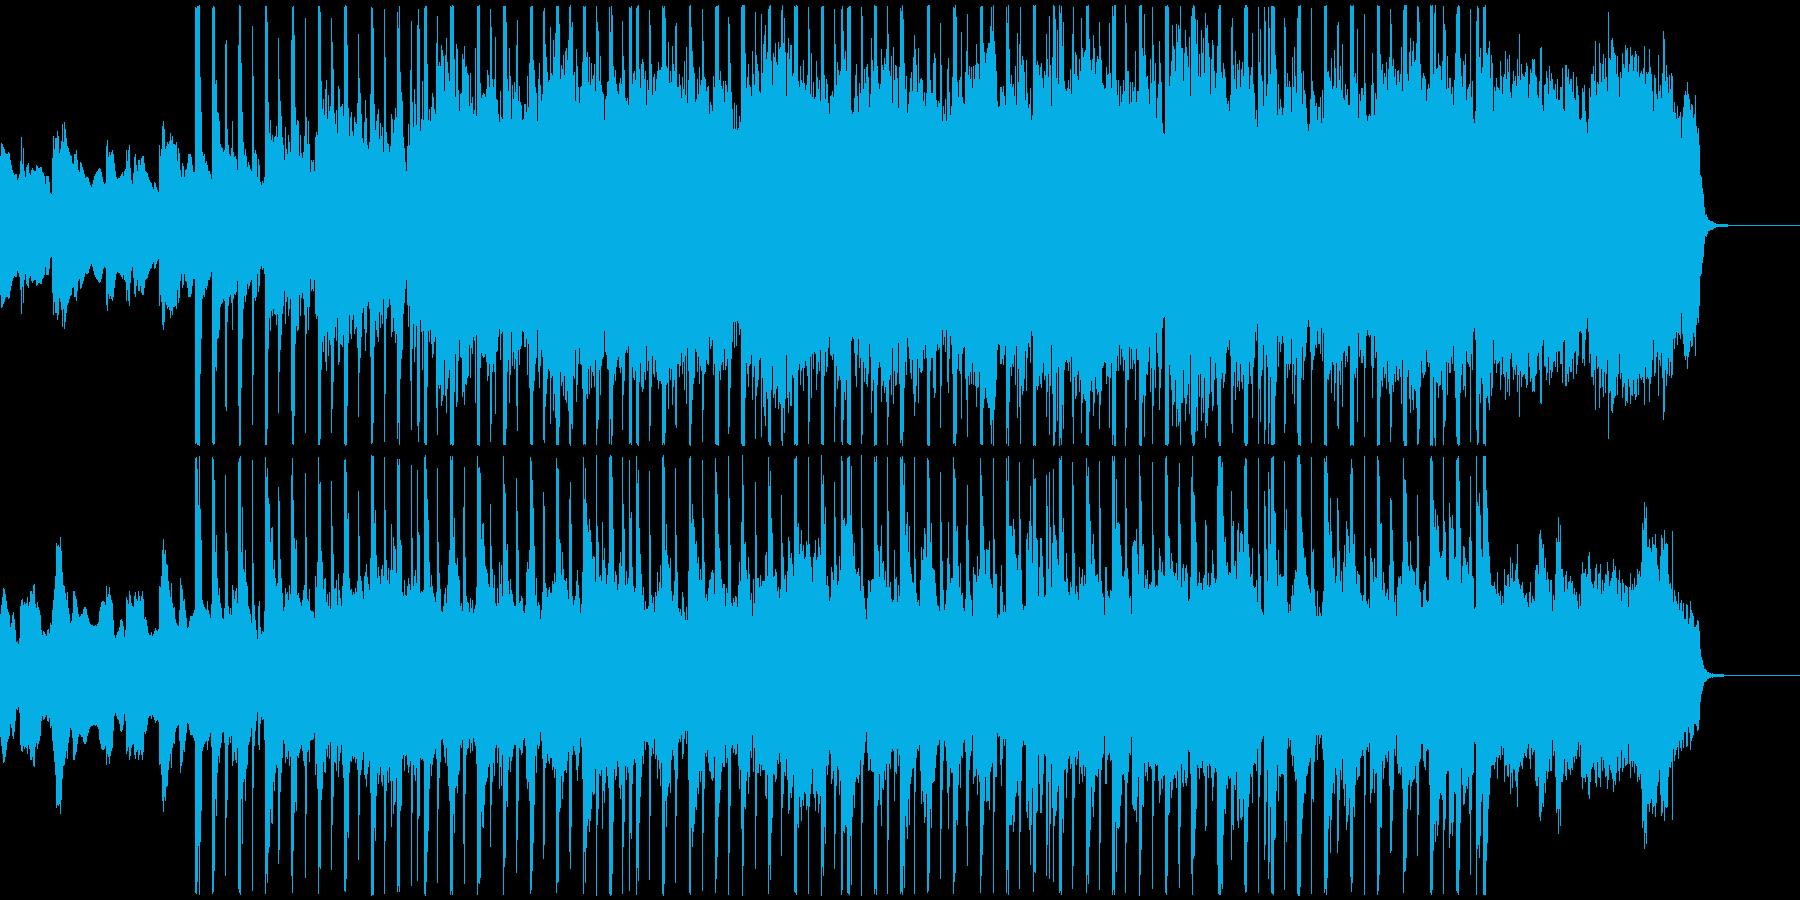 動きだす街を奏でるエレピ・ドラム・弦楽の再生済みの波形